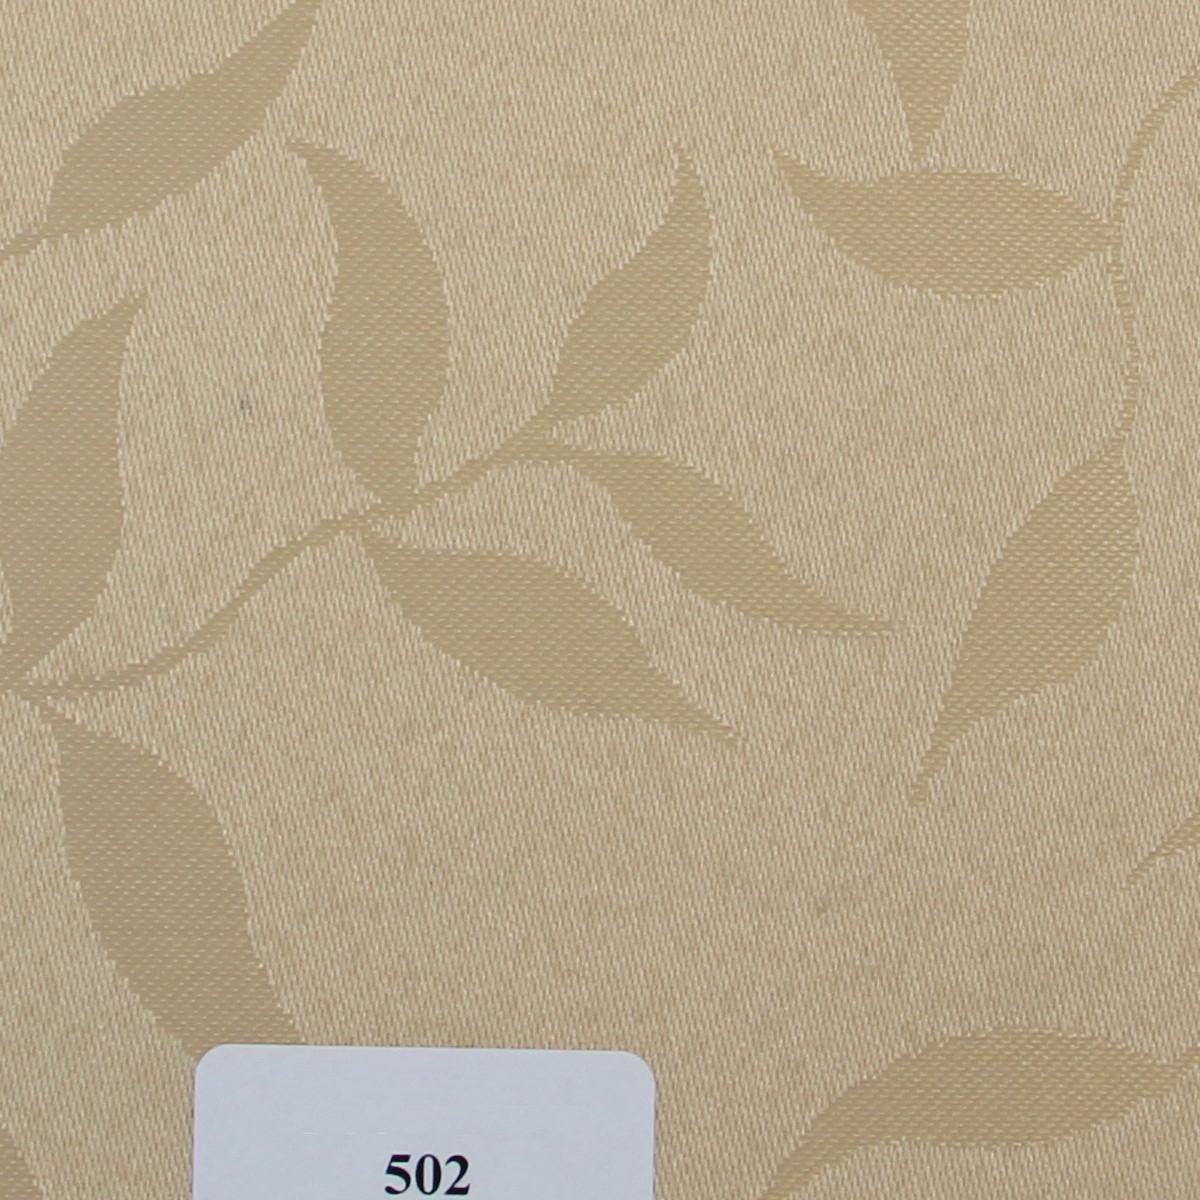 Рулонные шторы Ткань Натура 502 Светло-бежевый